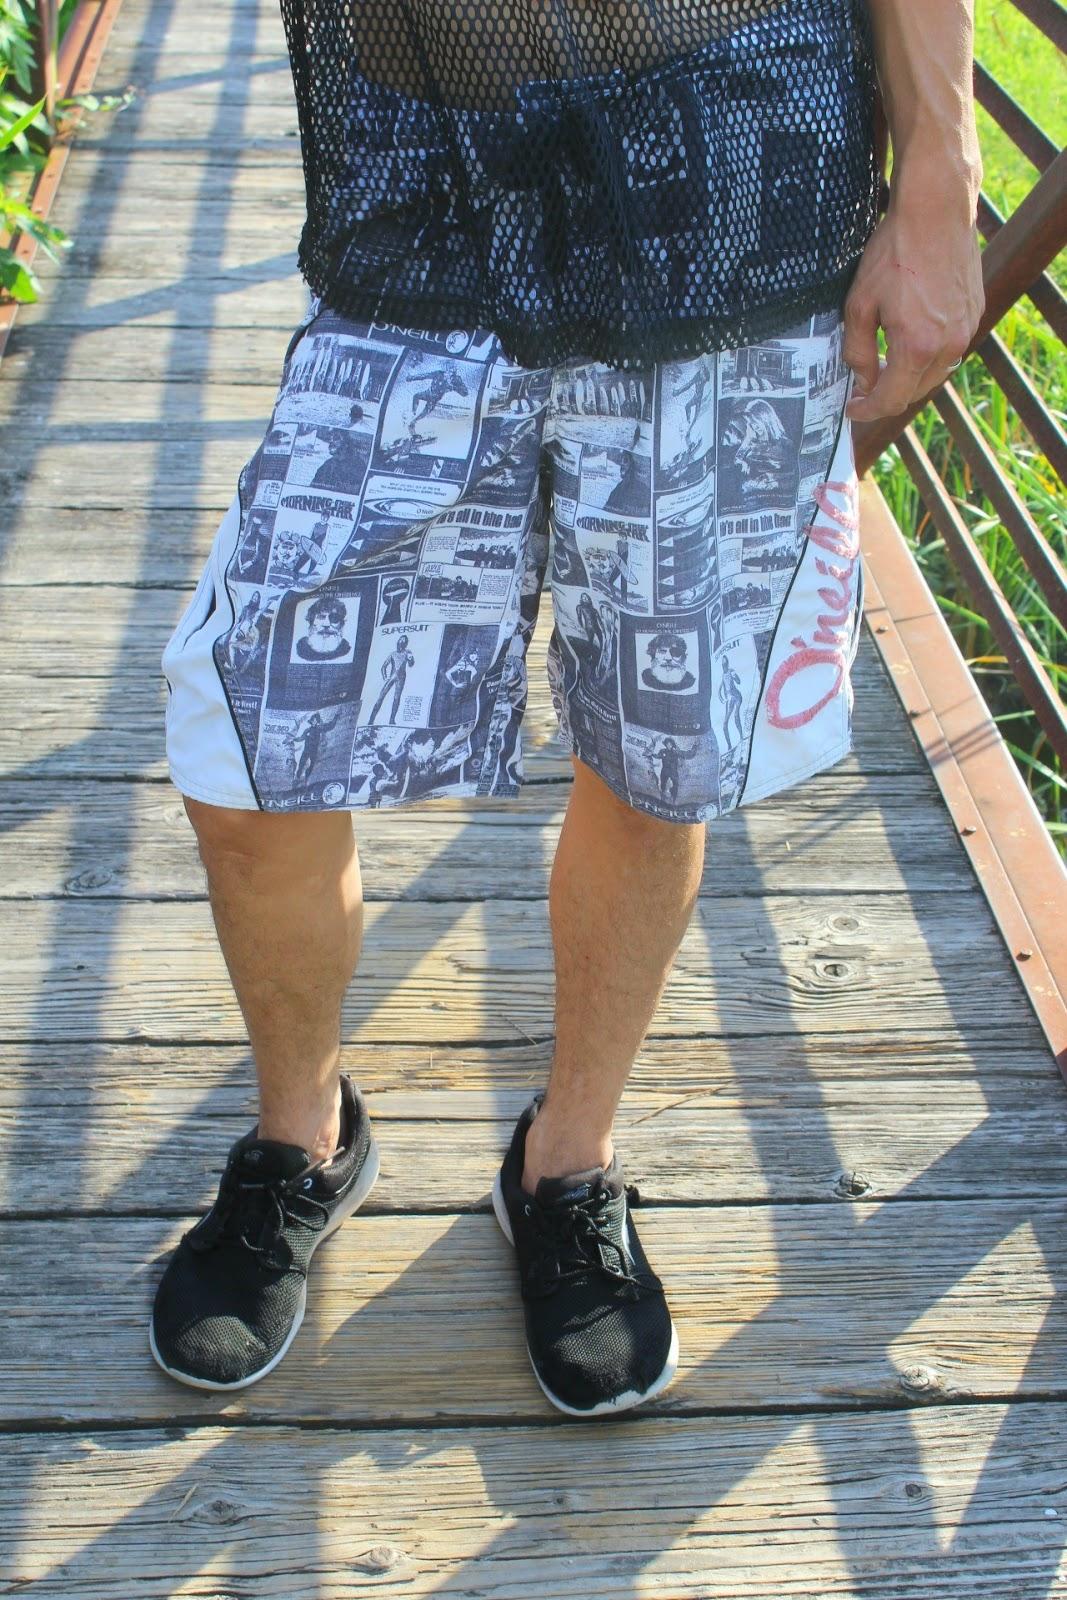 Jack O'neill Shorts